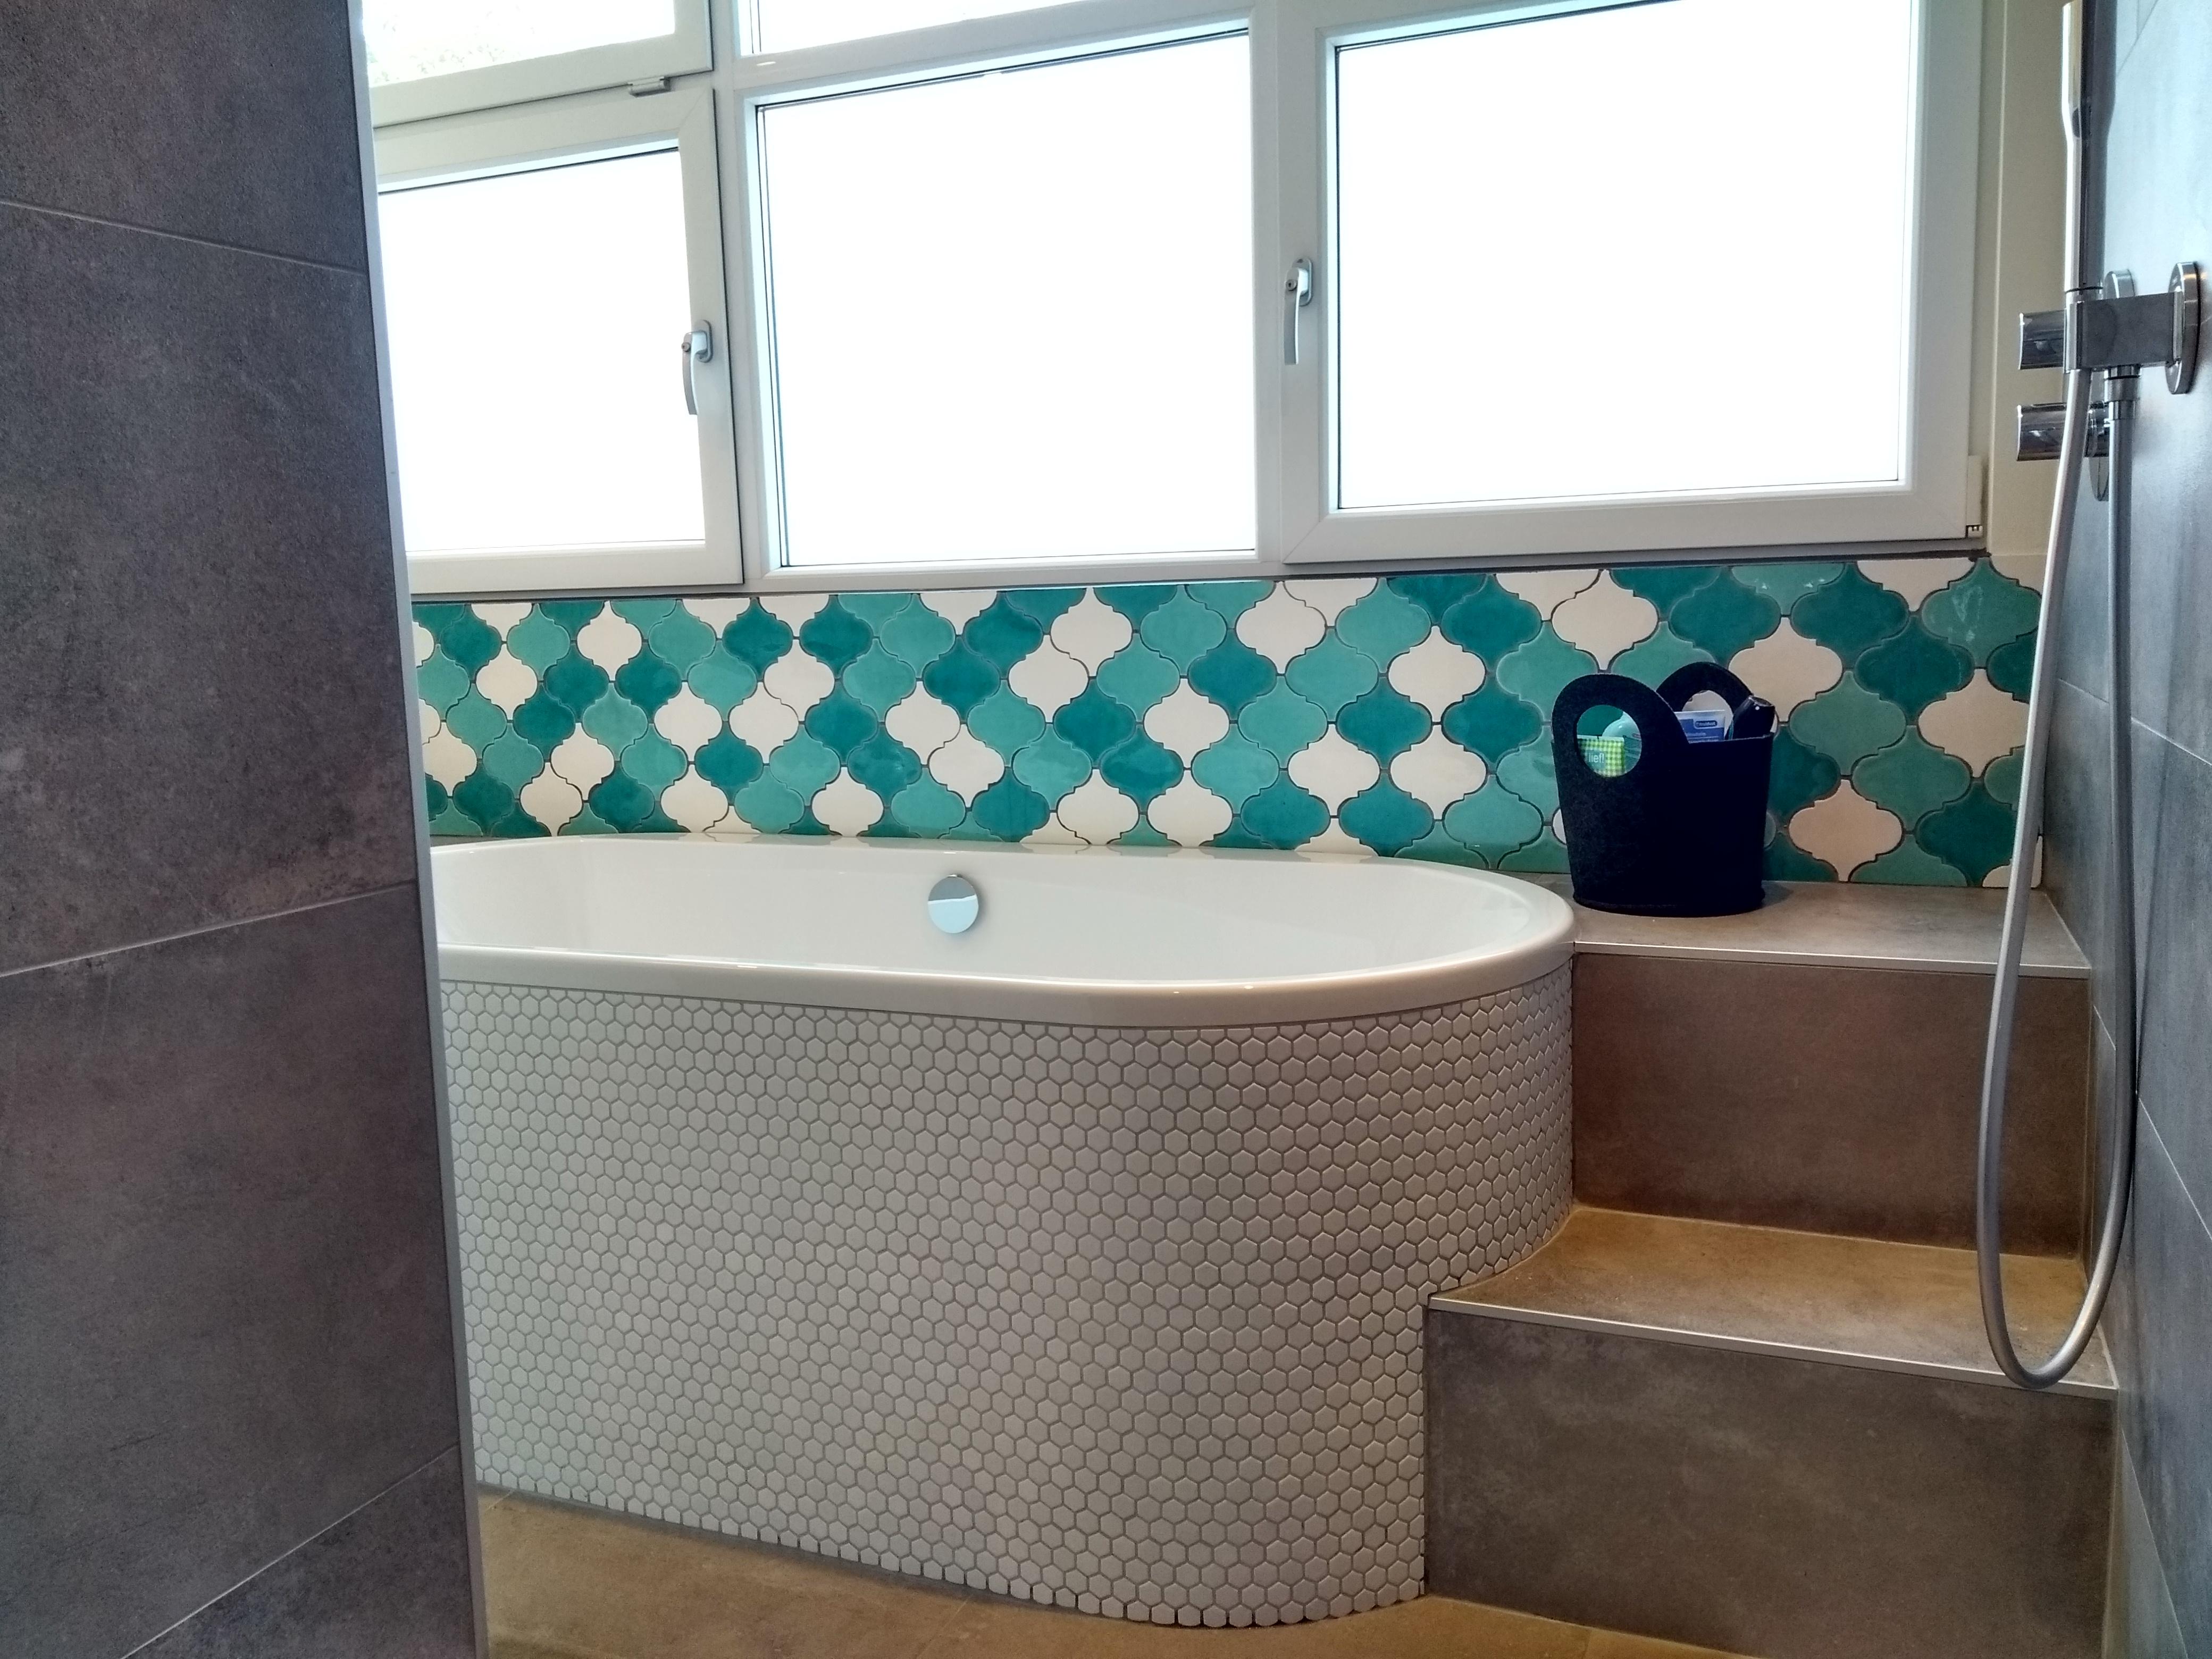 Betonlook Badkamer Maken : Betonlook badkamer combinatie u tgwonen